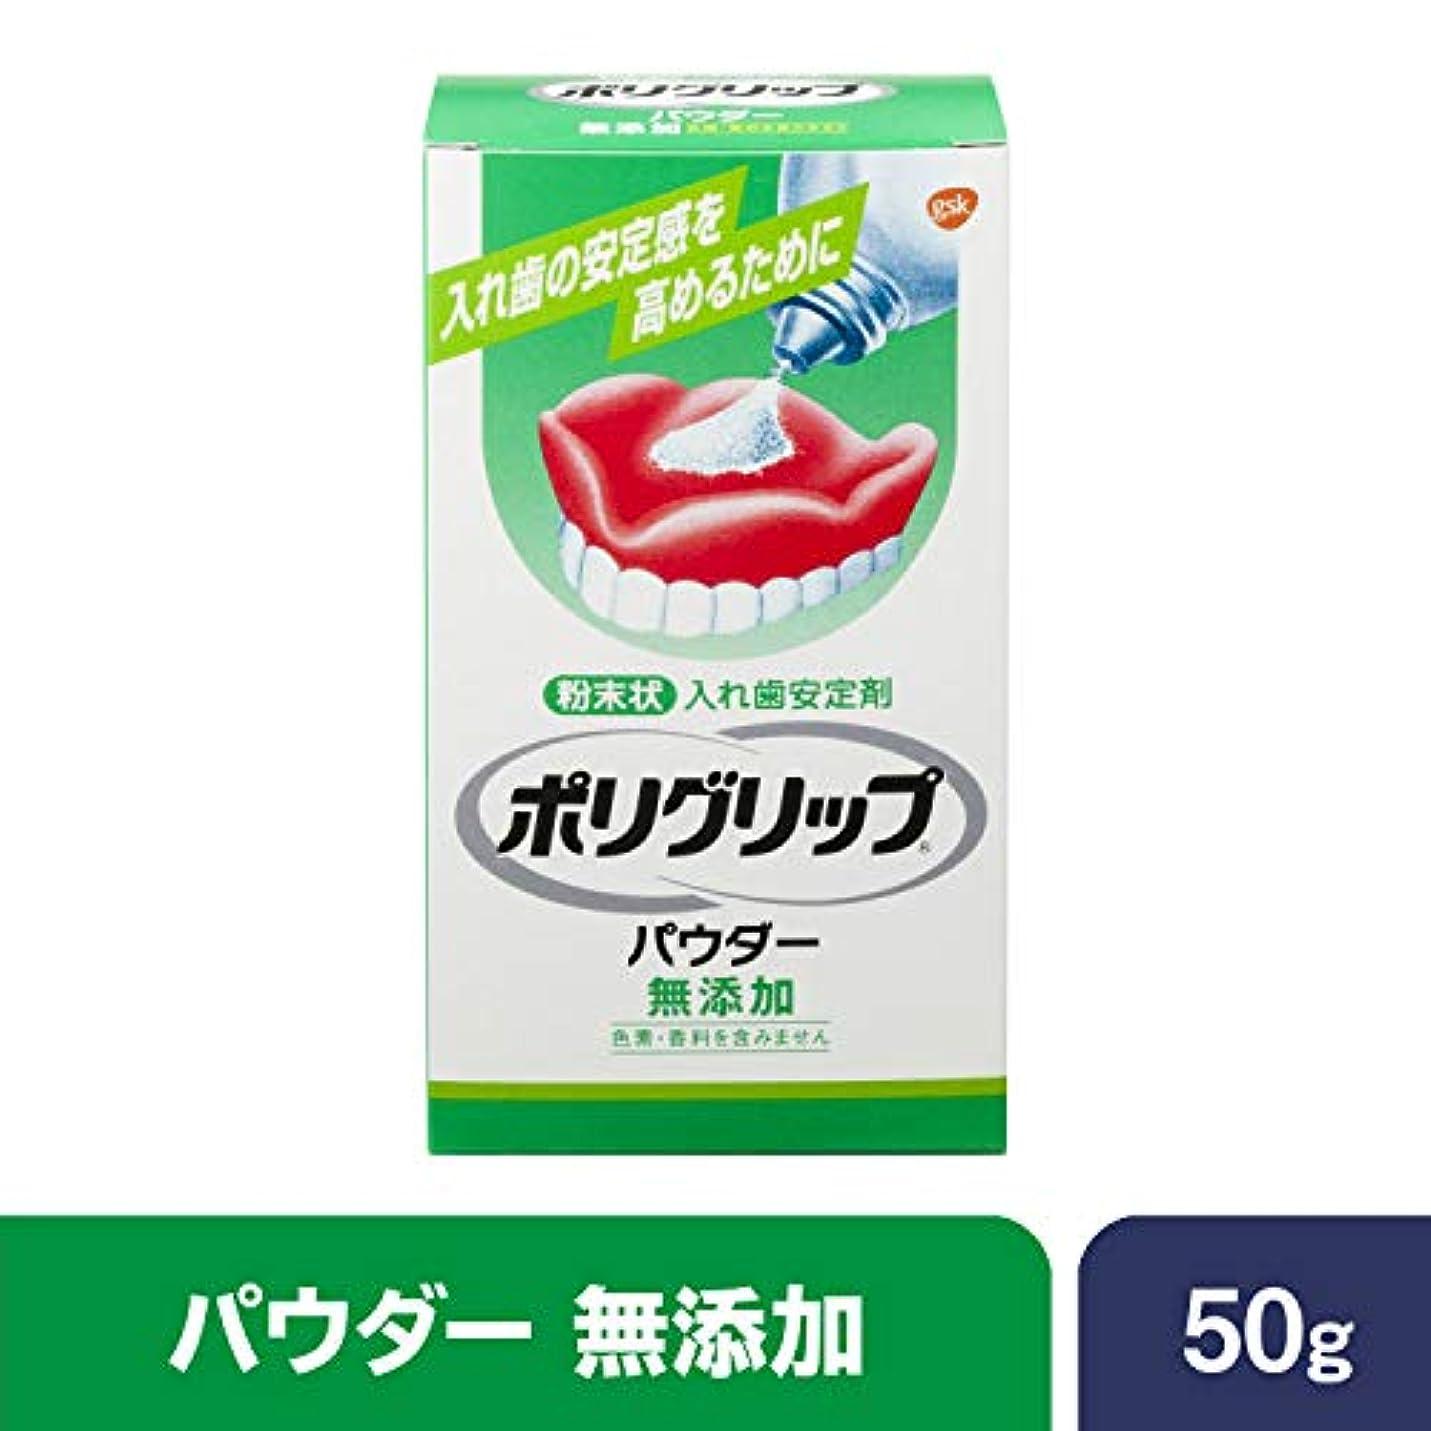 使用法移動する予感入れ歯安定剤 ポリグリップ パウダー無添加 50g